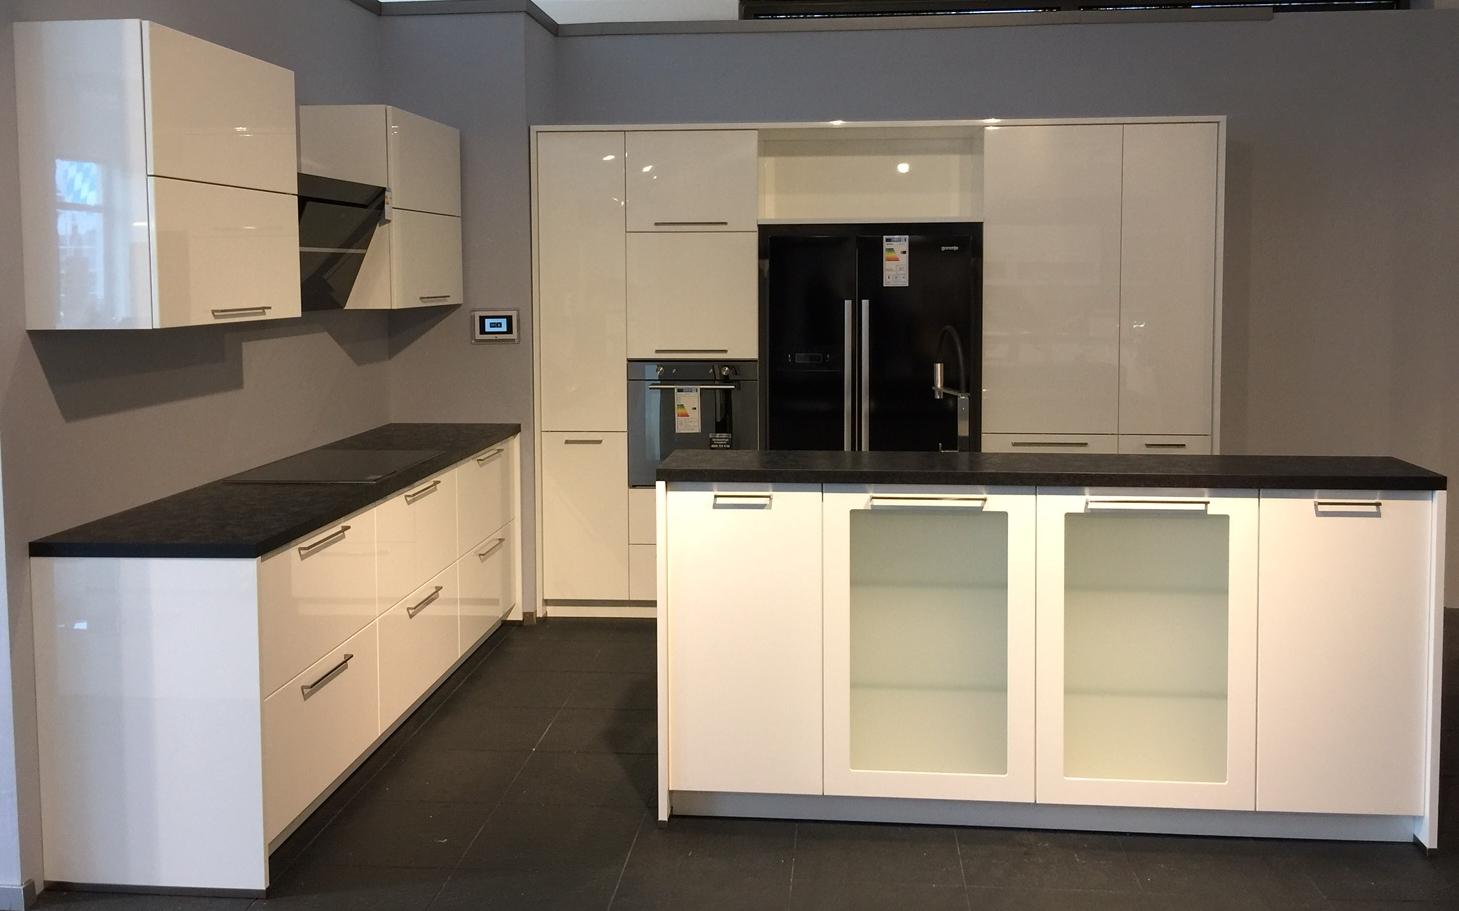 kchen reduziert excellent best genial nordwald kchen abverkauf und beste ideen von reduziert. Black Bedroom Furniture Sets. Home Design Ideas